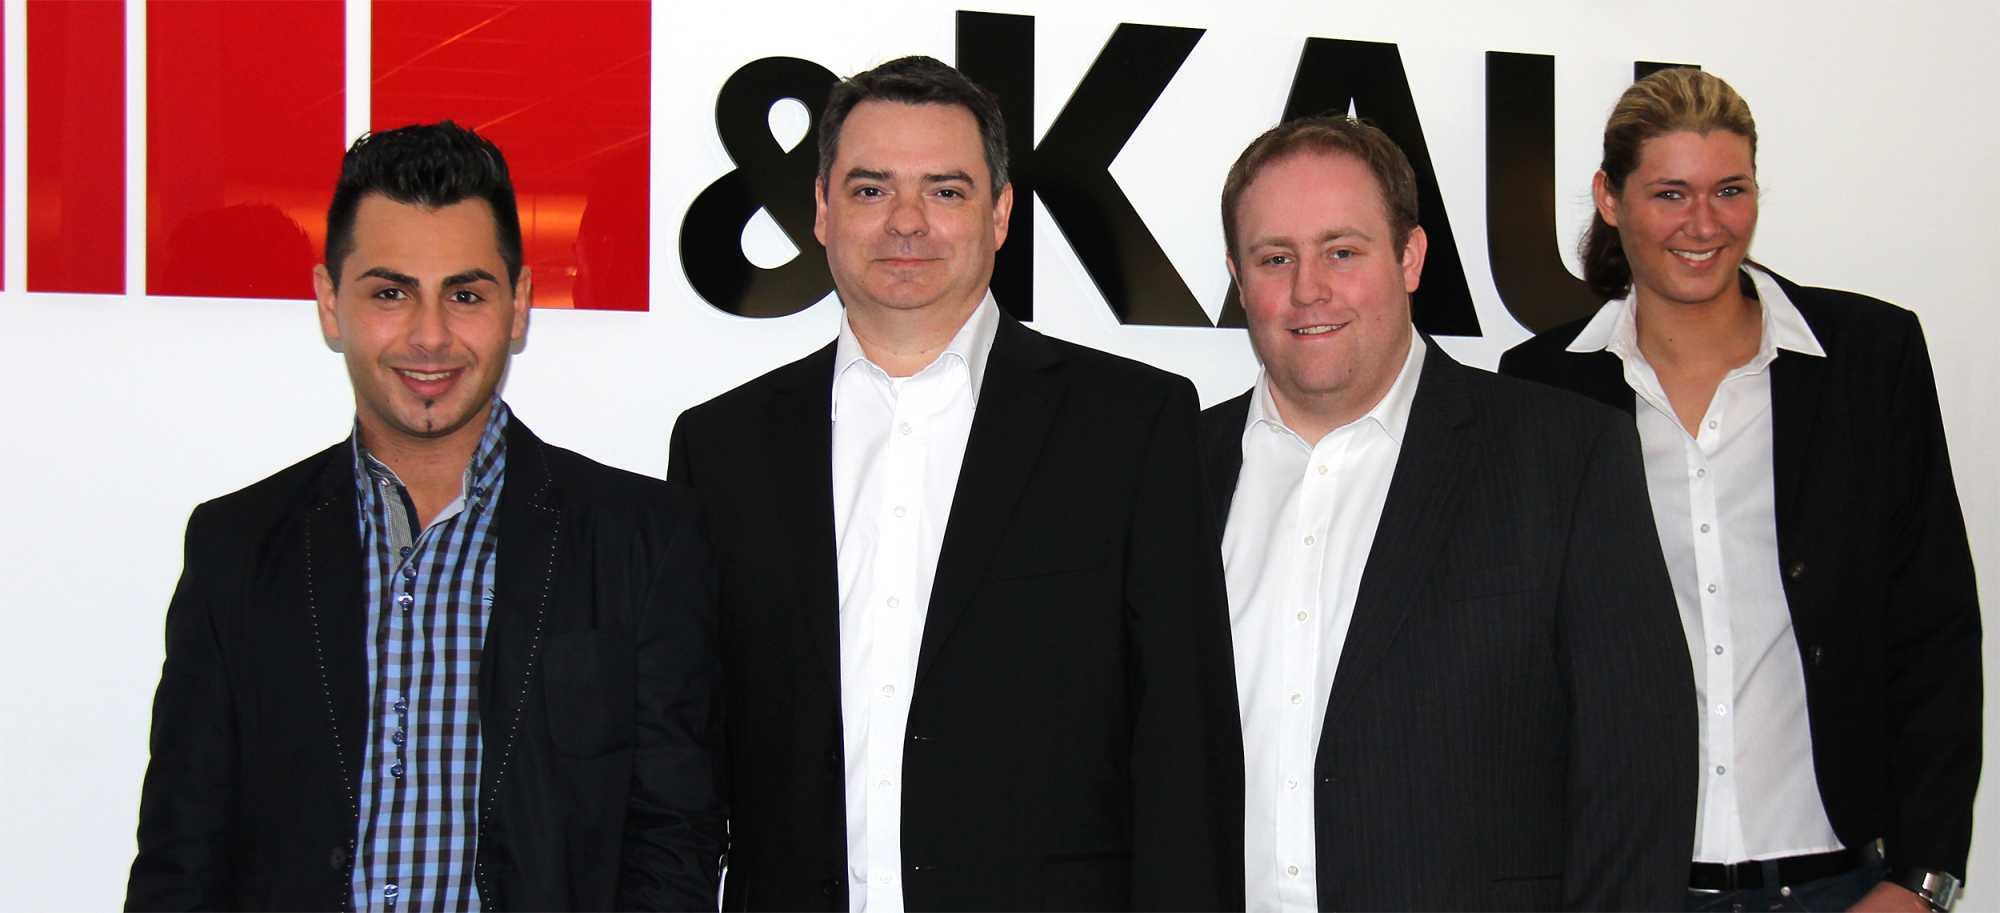 Vier neue  SMB-Vertriebler für Siewert &Kau